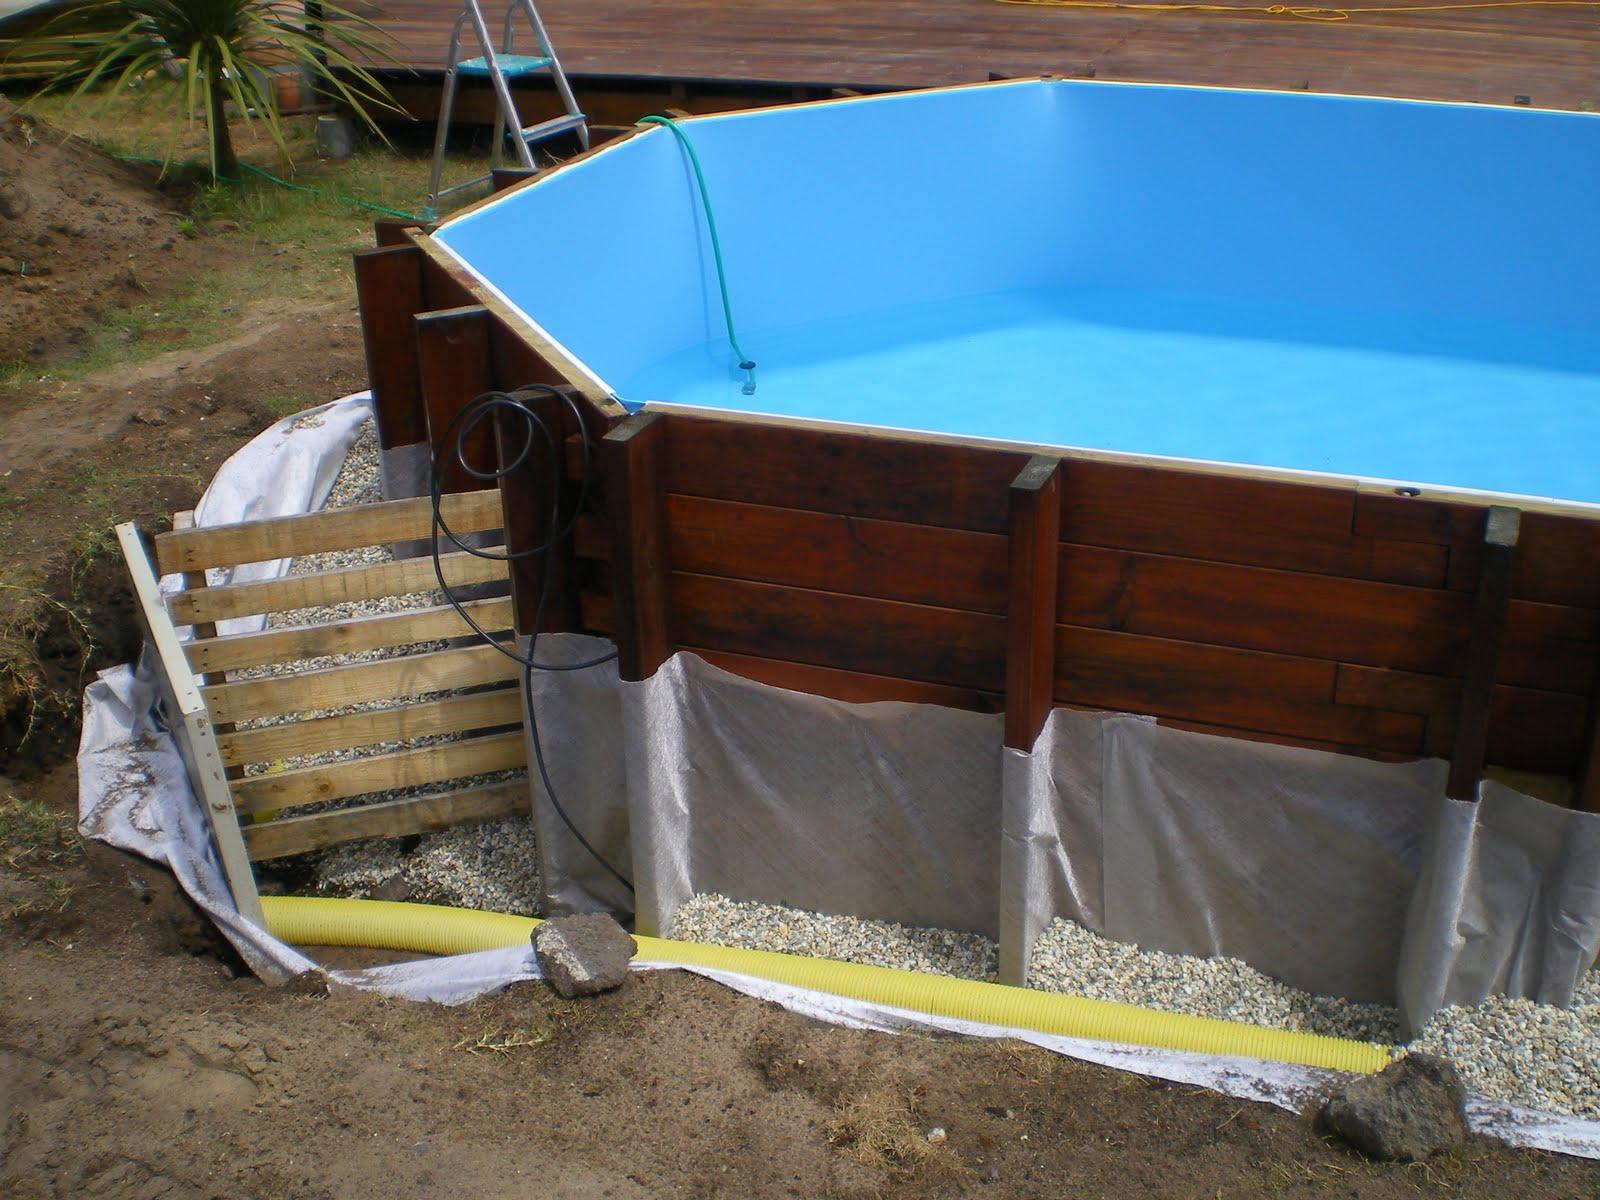 Piscine en kit bois phase 5 mise en eau et pose du drainant - Tour de piscine en bois ...